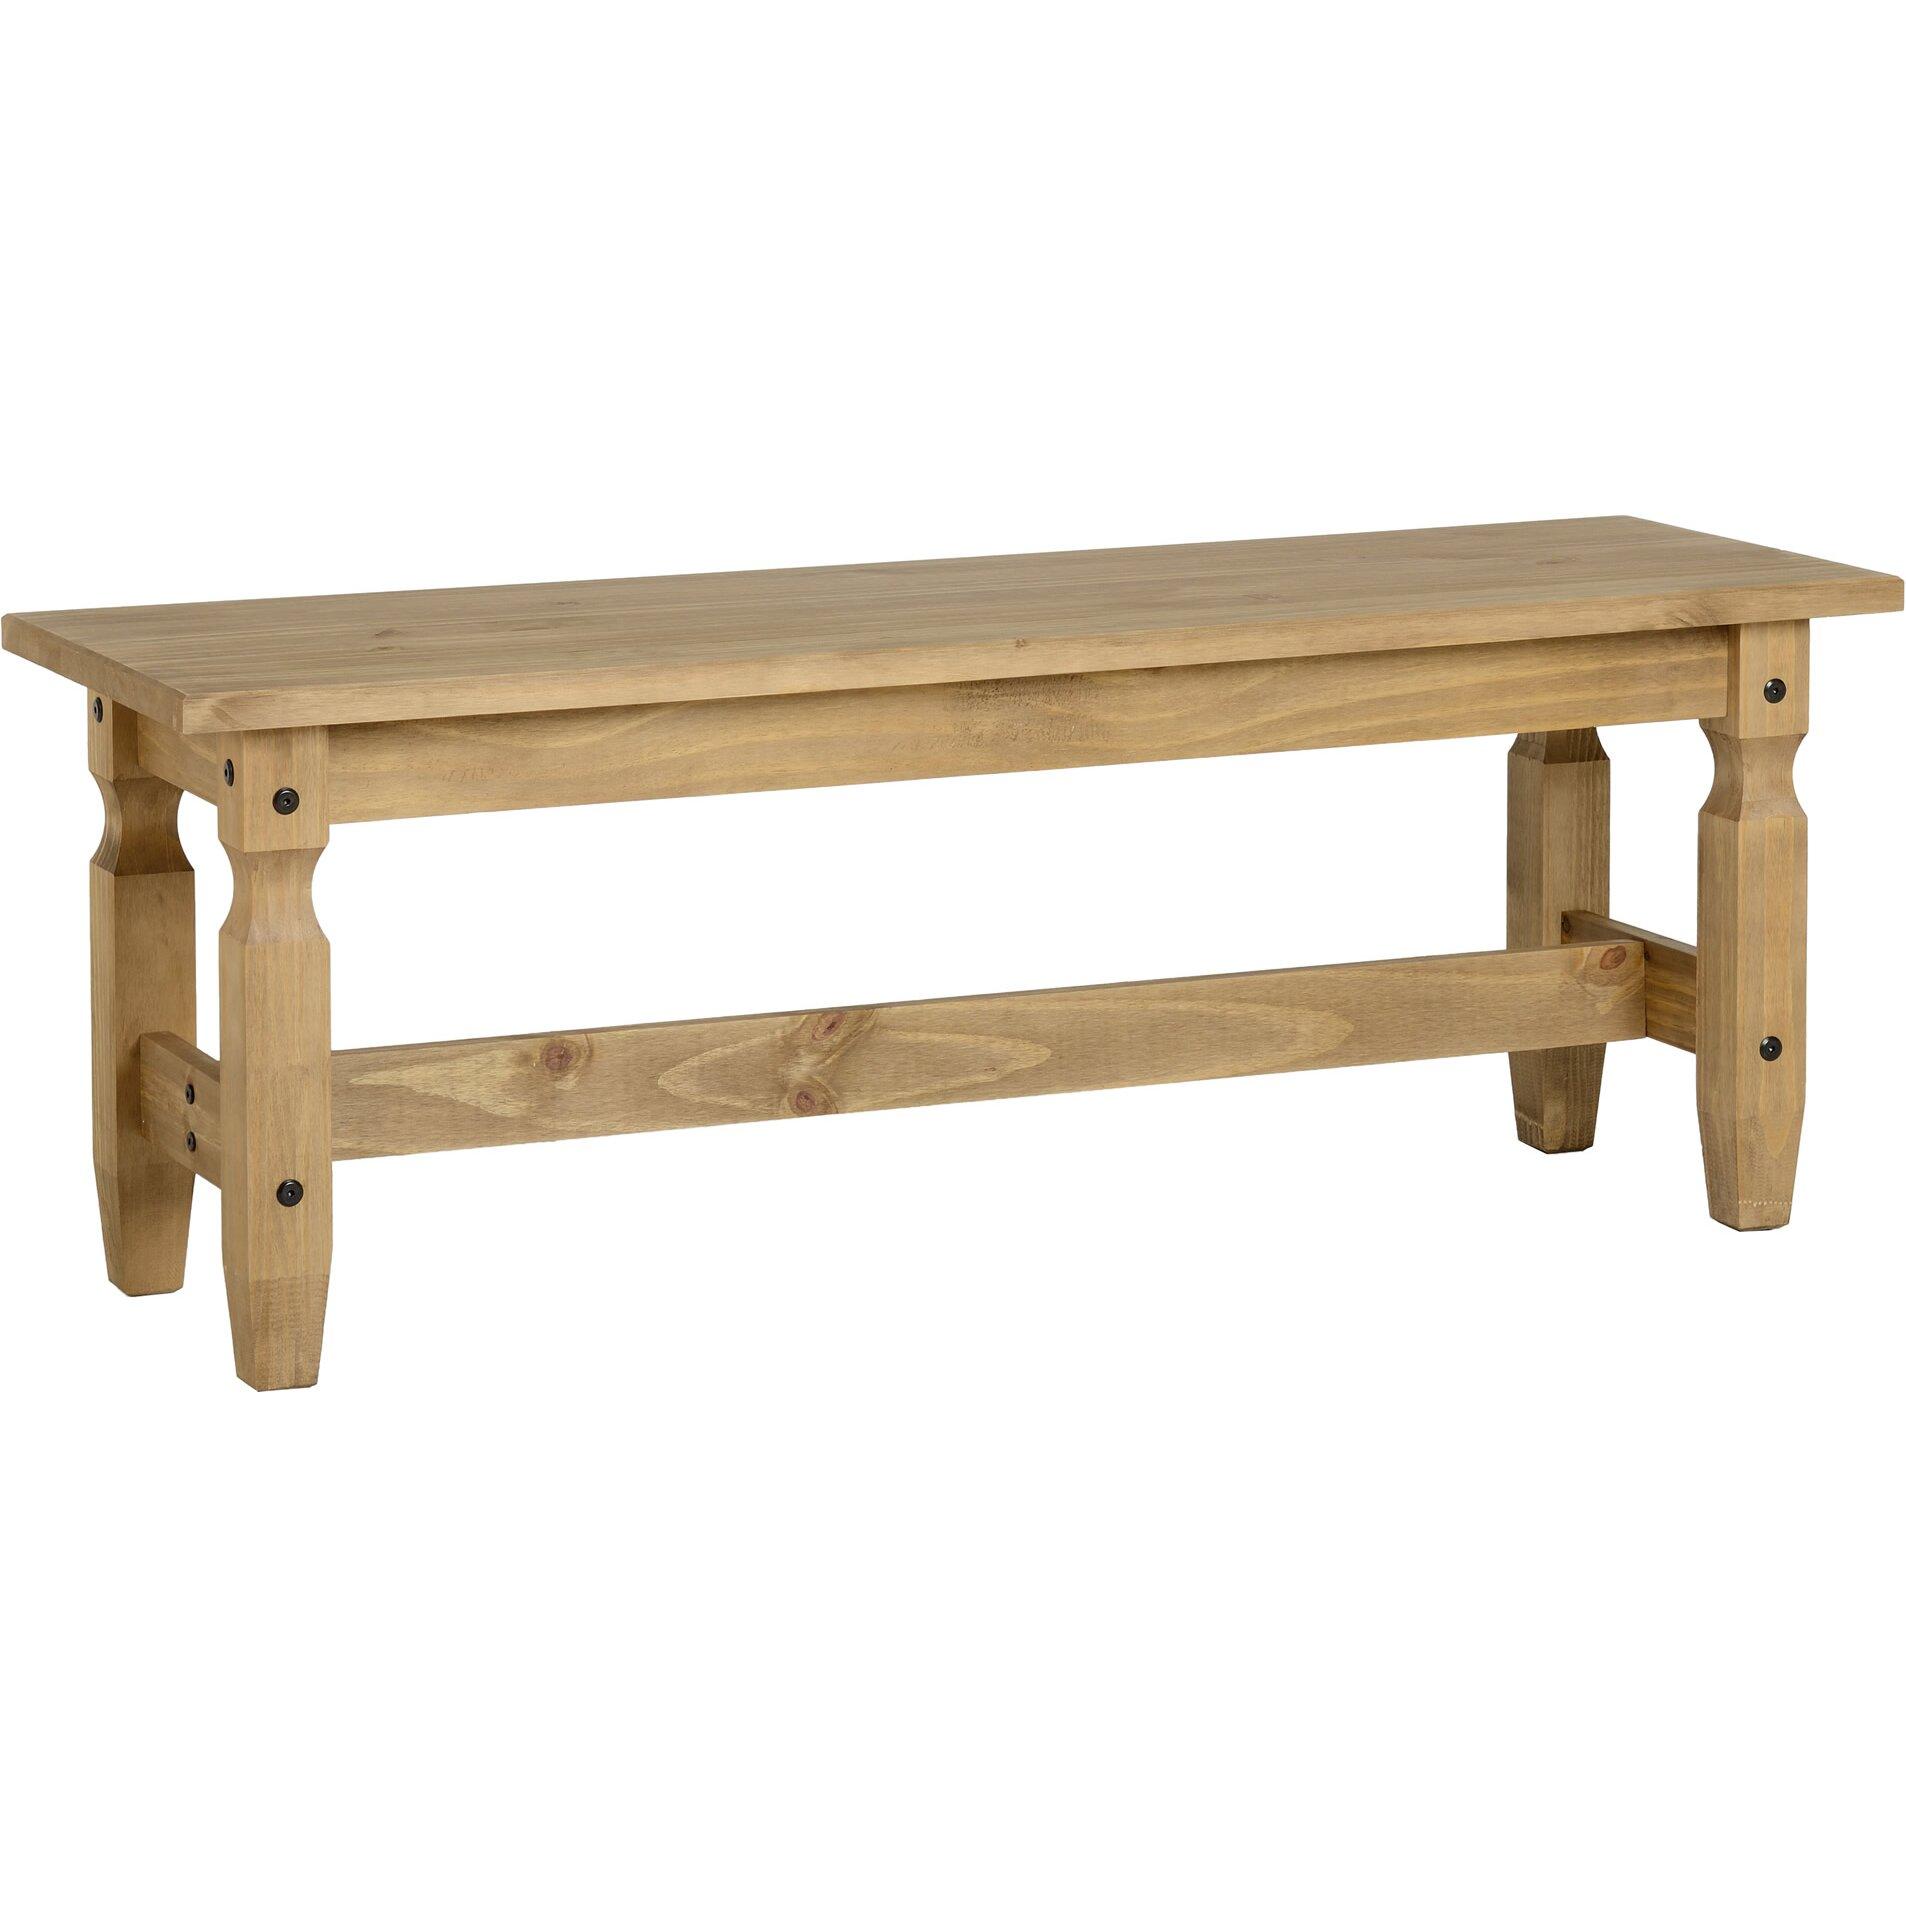 Andover Mills Corona Wood Kitchen Bench & Reviews